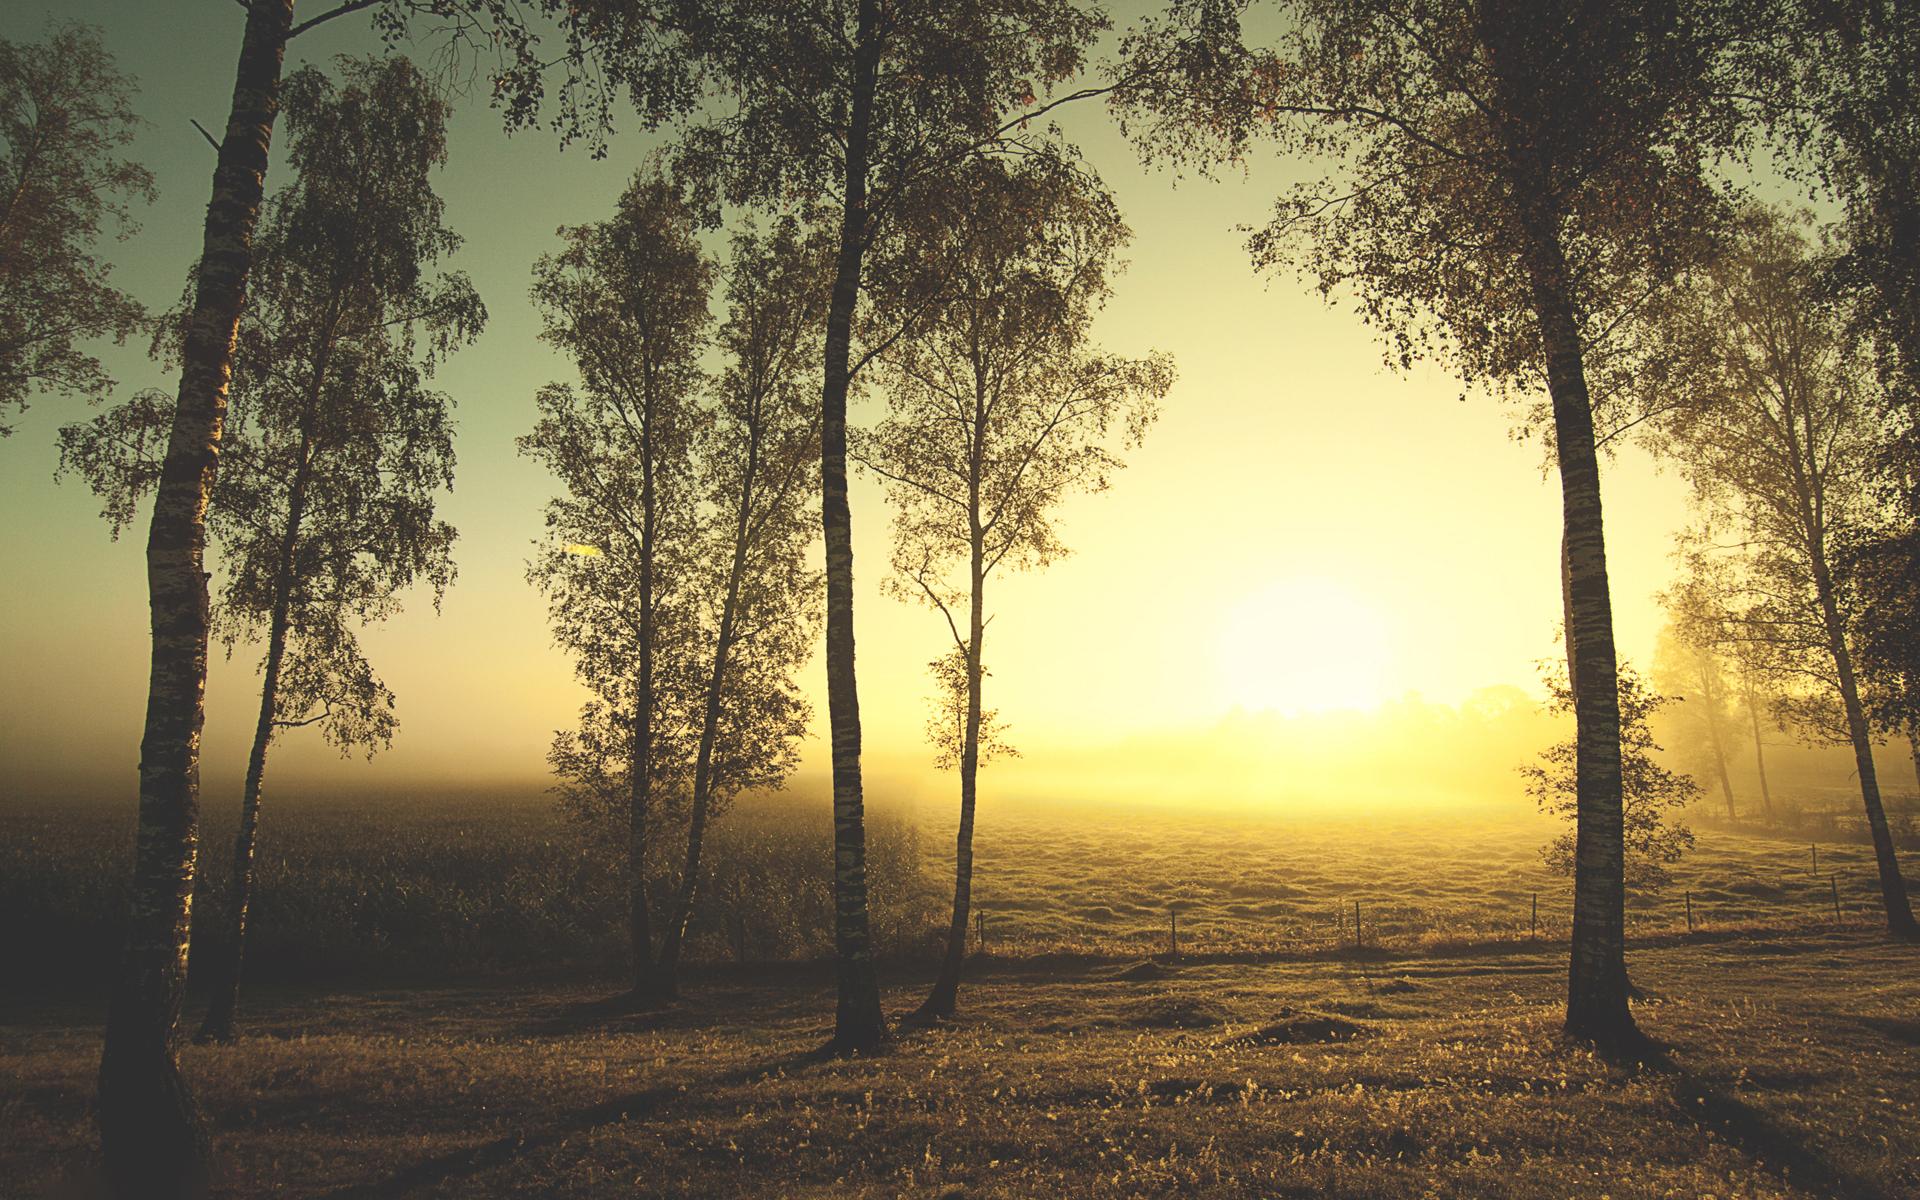 Hình nền phong cảnh nắng chiều